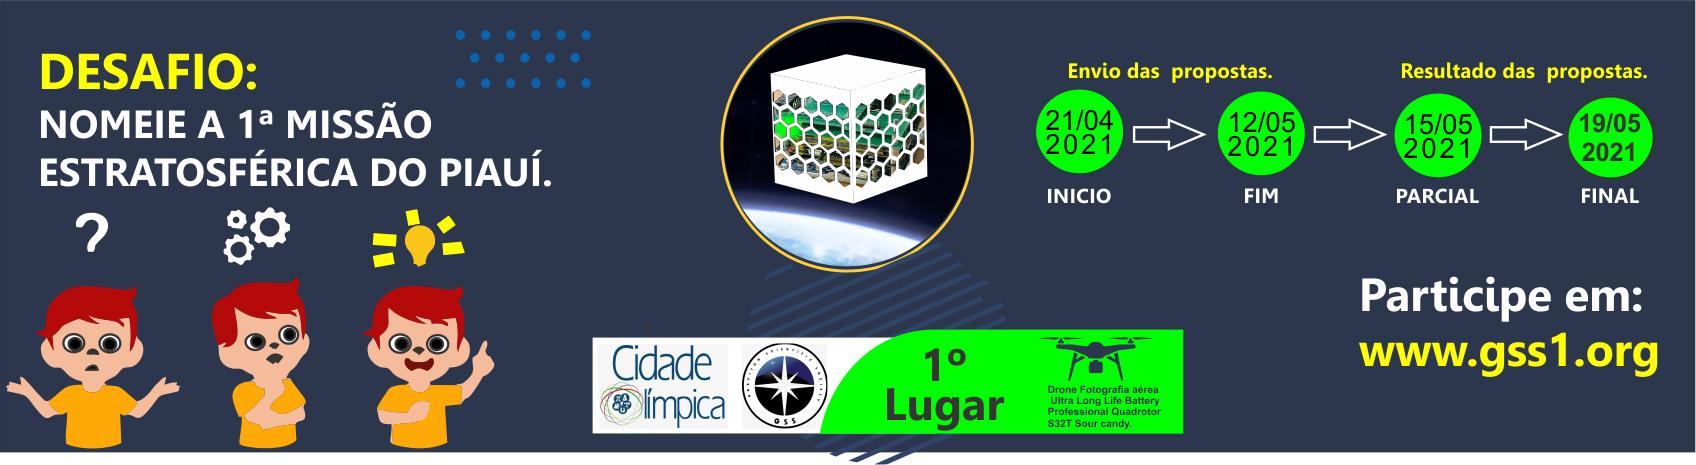 DESAFIO: Nomeie a 1ª missão estratosférica do  Piauí.